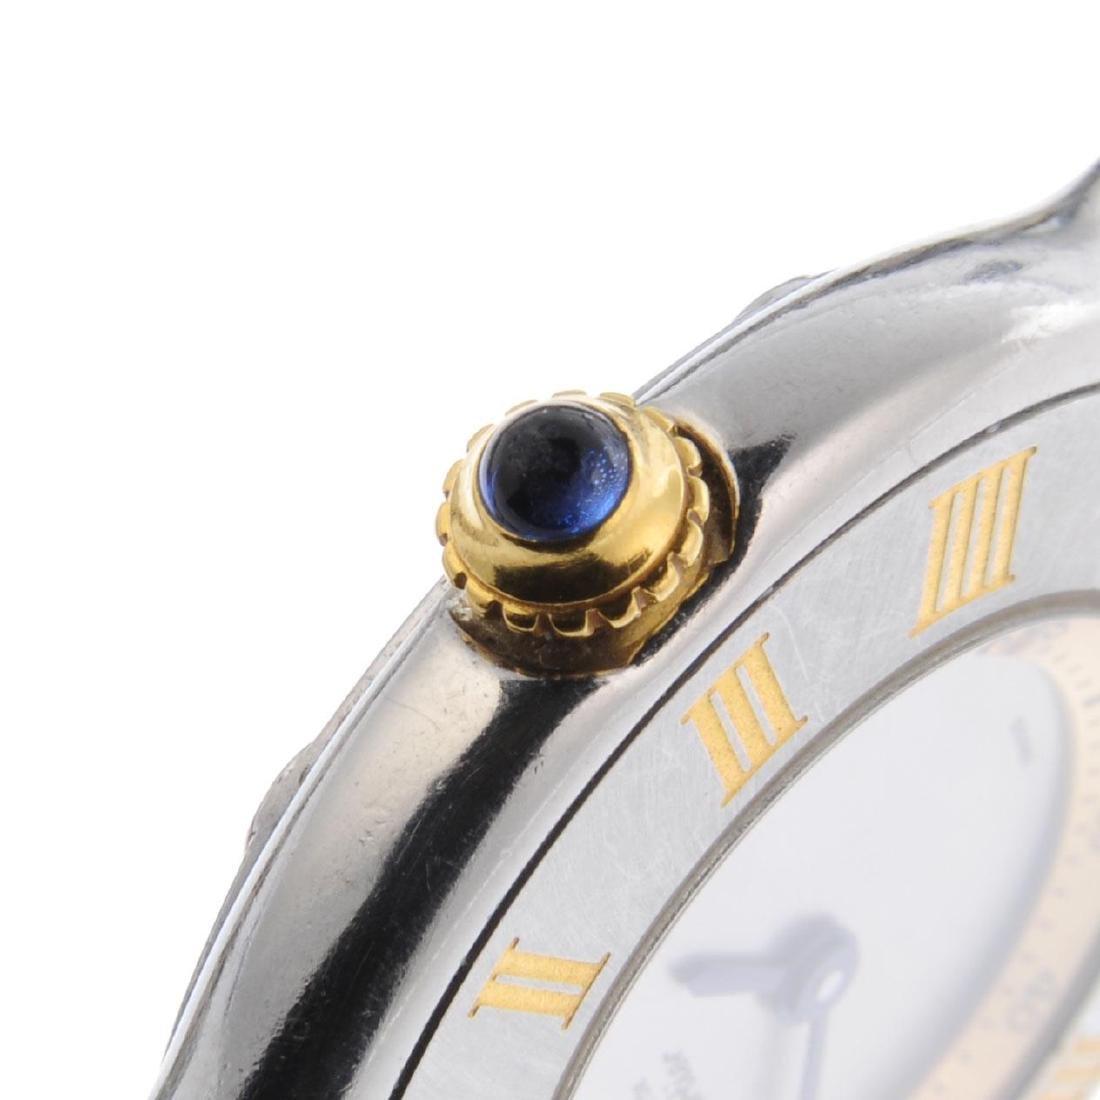 CARTIER - a Must de Cartier 21 bracelet watch. - 3